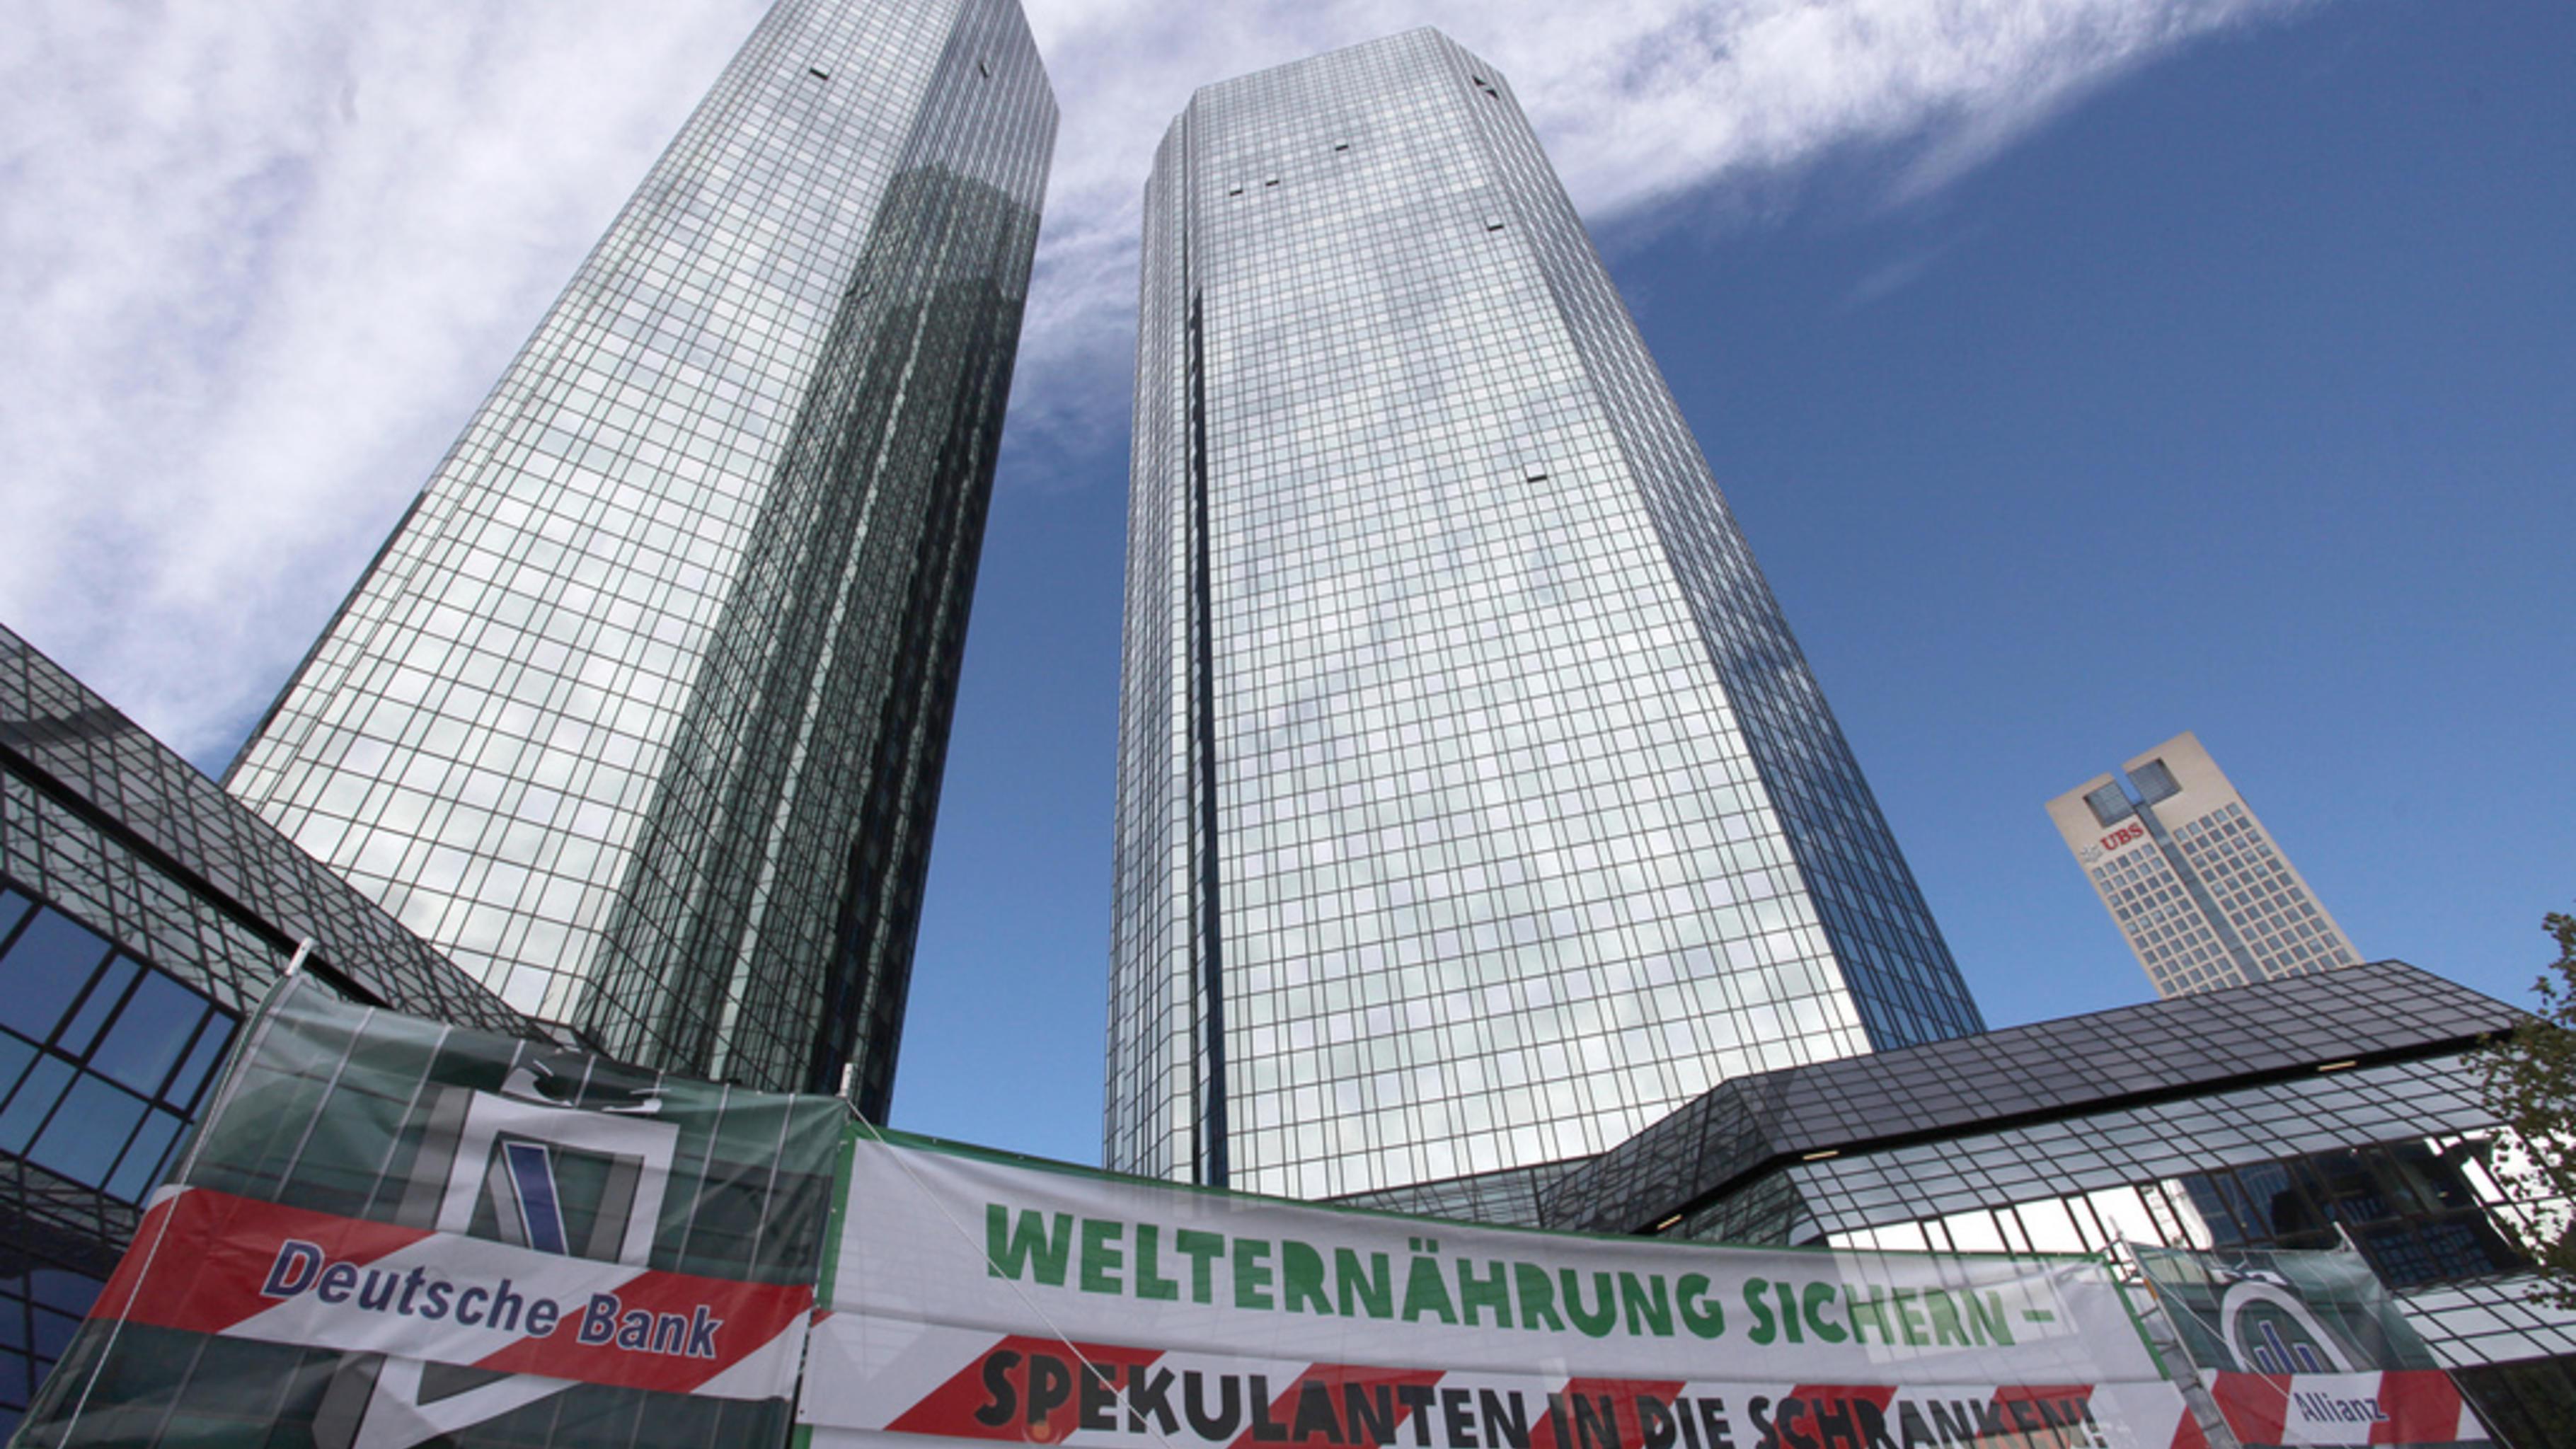 Foto: Demonstration gegen Nahrungsmittelspekulation vor der Deutschen Bank